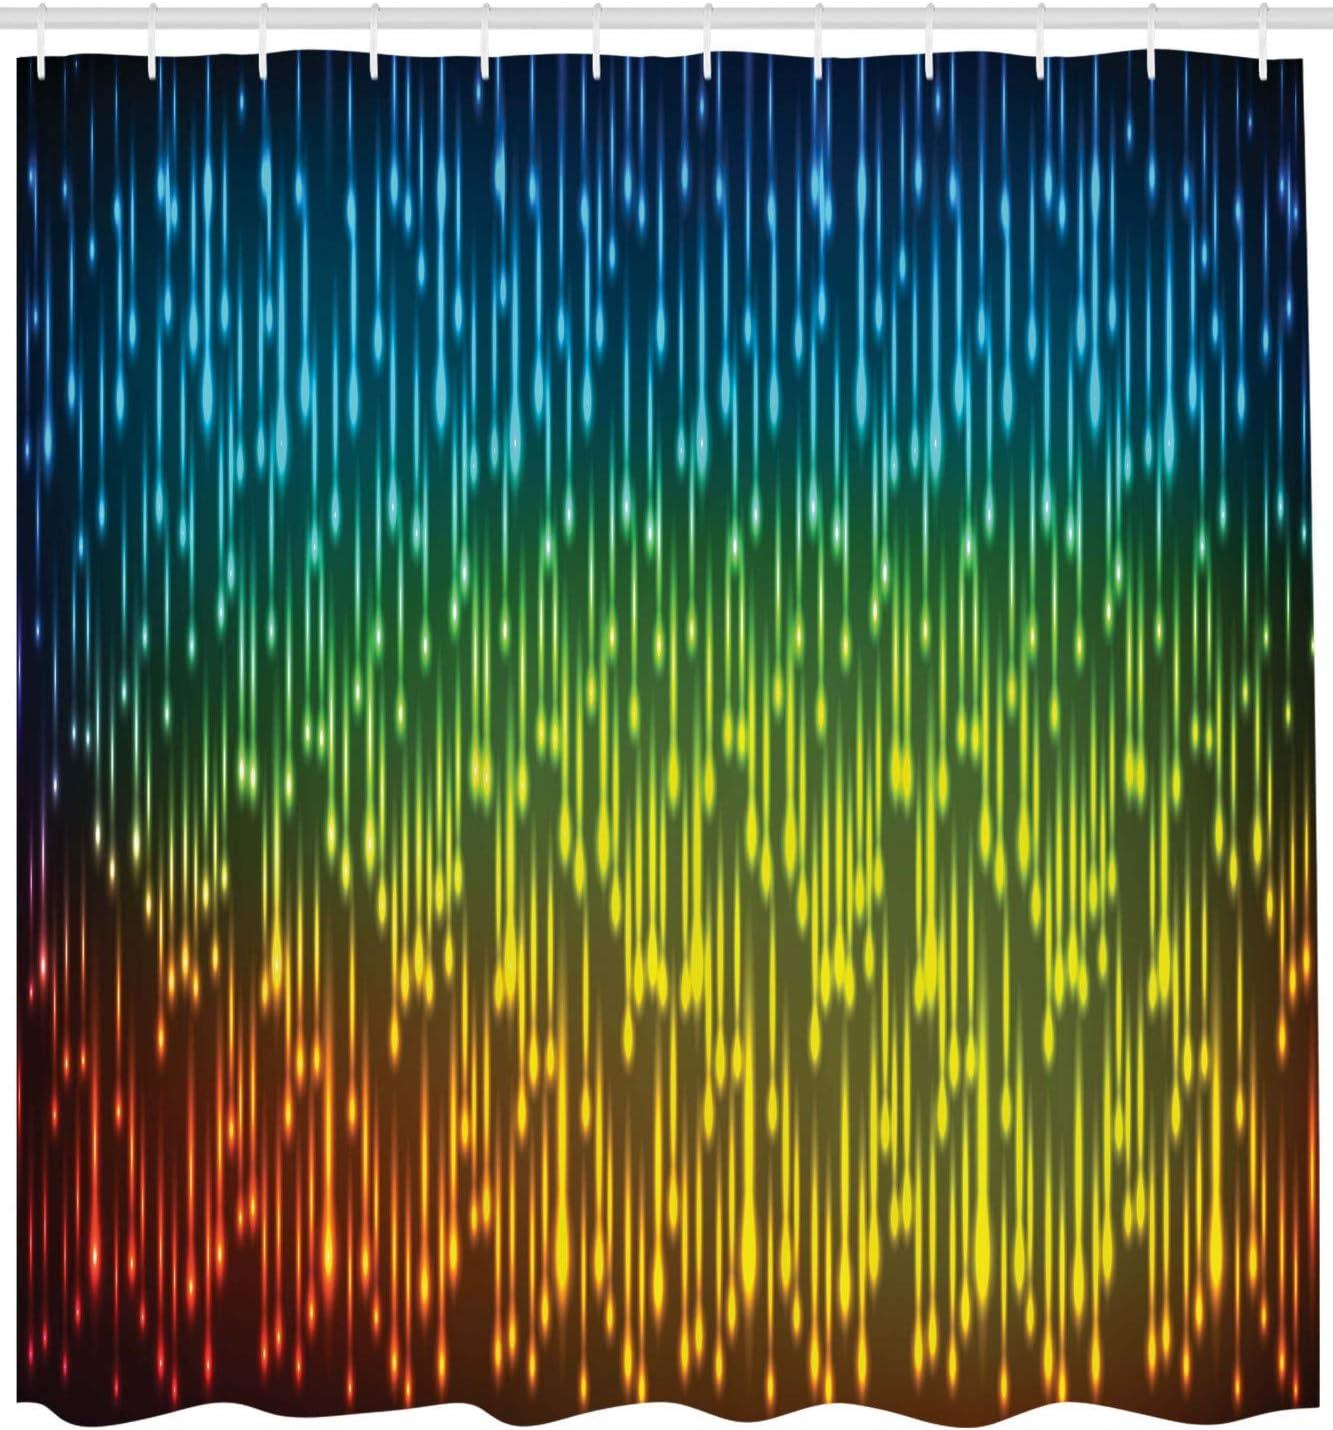 mit 12 Ringe Set Wasserdicht Stielvoll Modern Farbfest und Schimmel Resistent Musik Graffiti Hip Hop ABAKUHAUS Retro Duschvorhang Mehrfarbig 175x180 cm